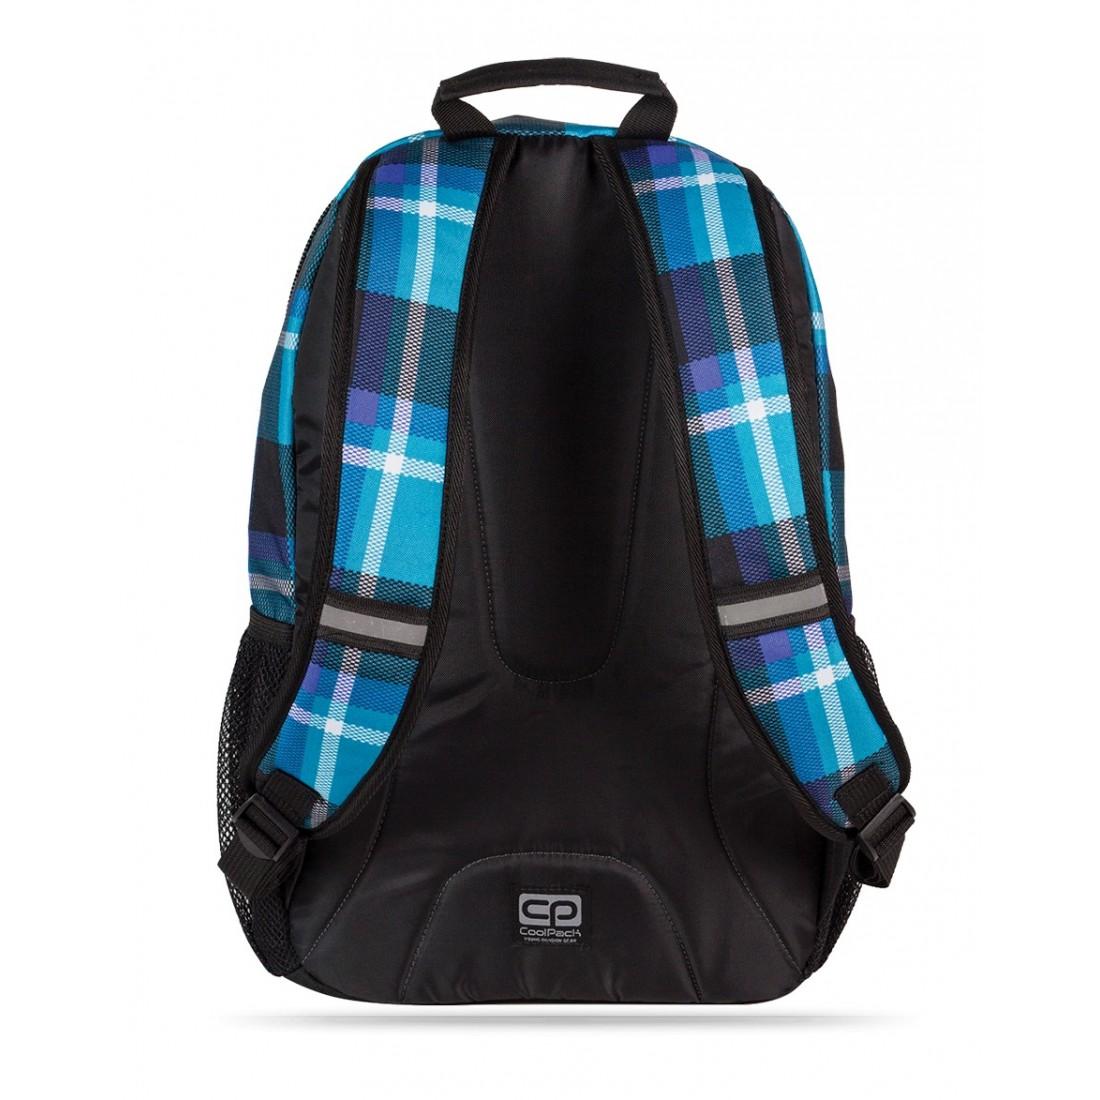 Plecak młodzieżowy CoolPack CP niebieski w kratkę ACTION SCOTT 385 - plecak-tornister.pl